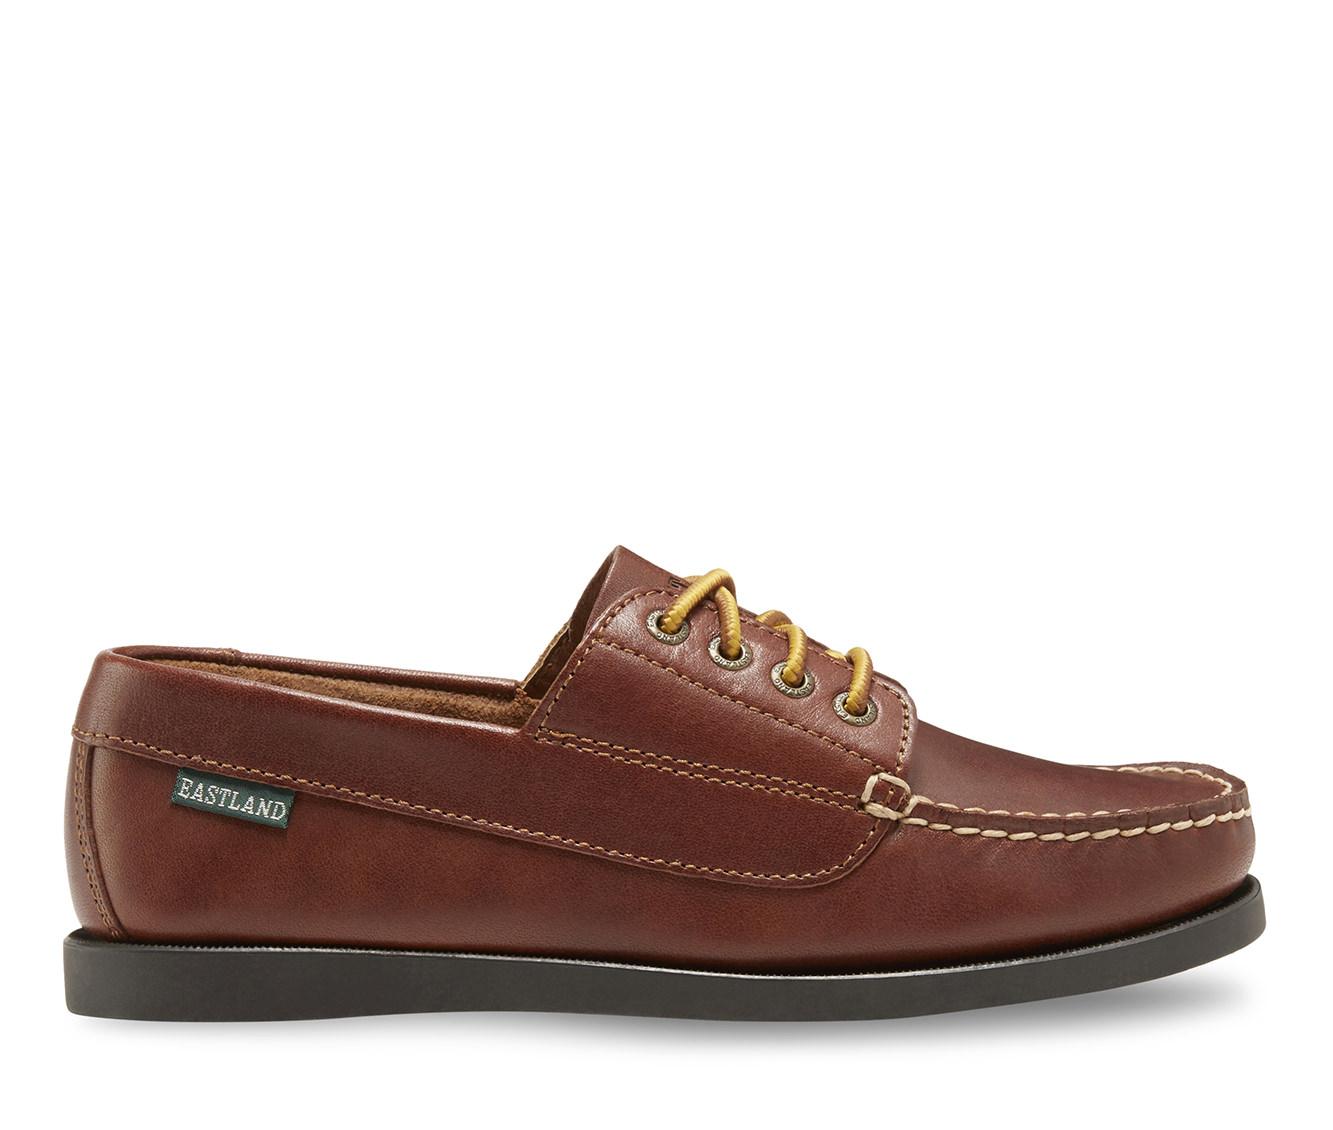 Eastland Falmouth Women's Shoe (Beige Leather)